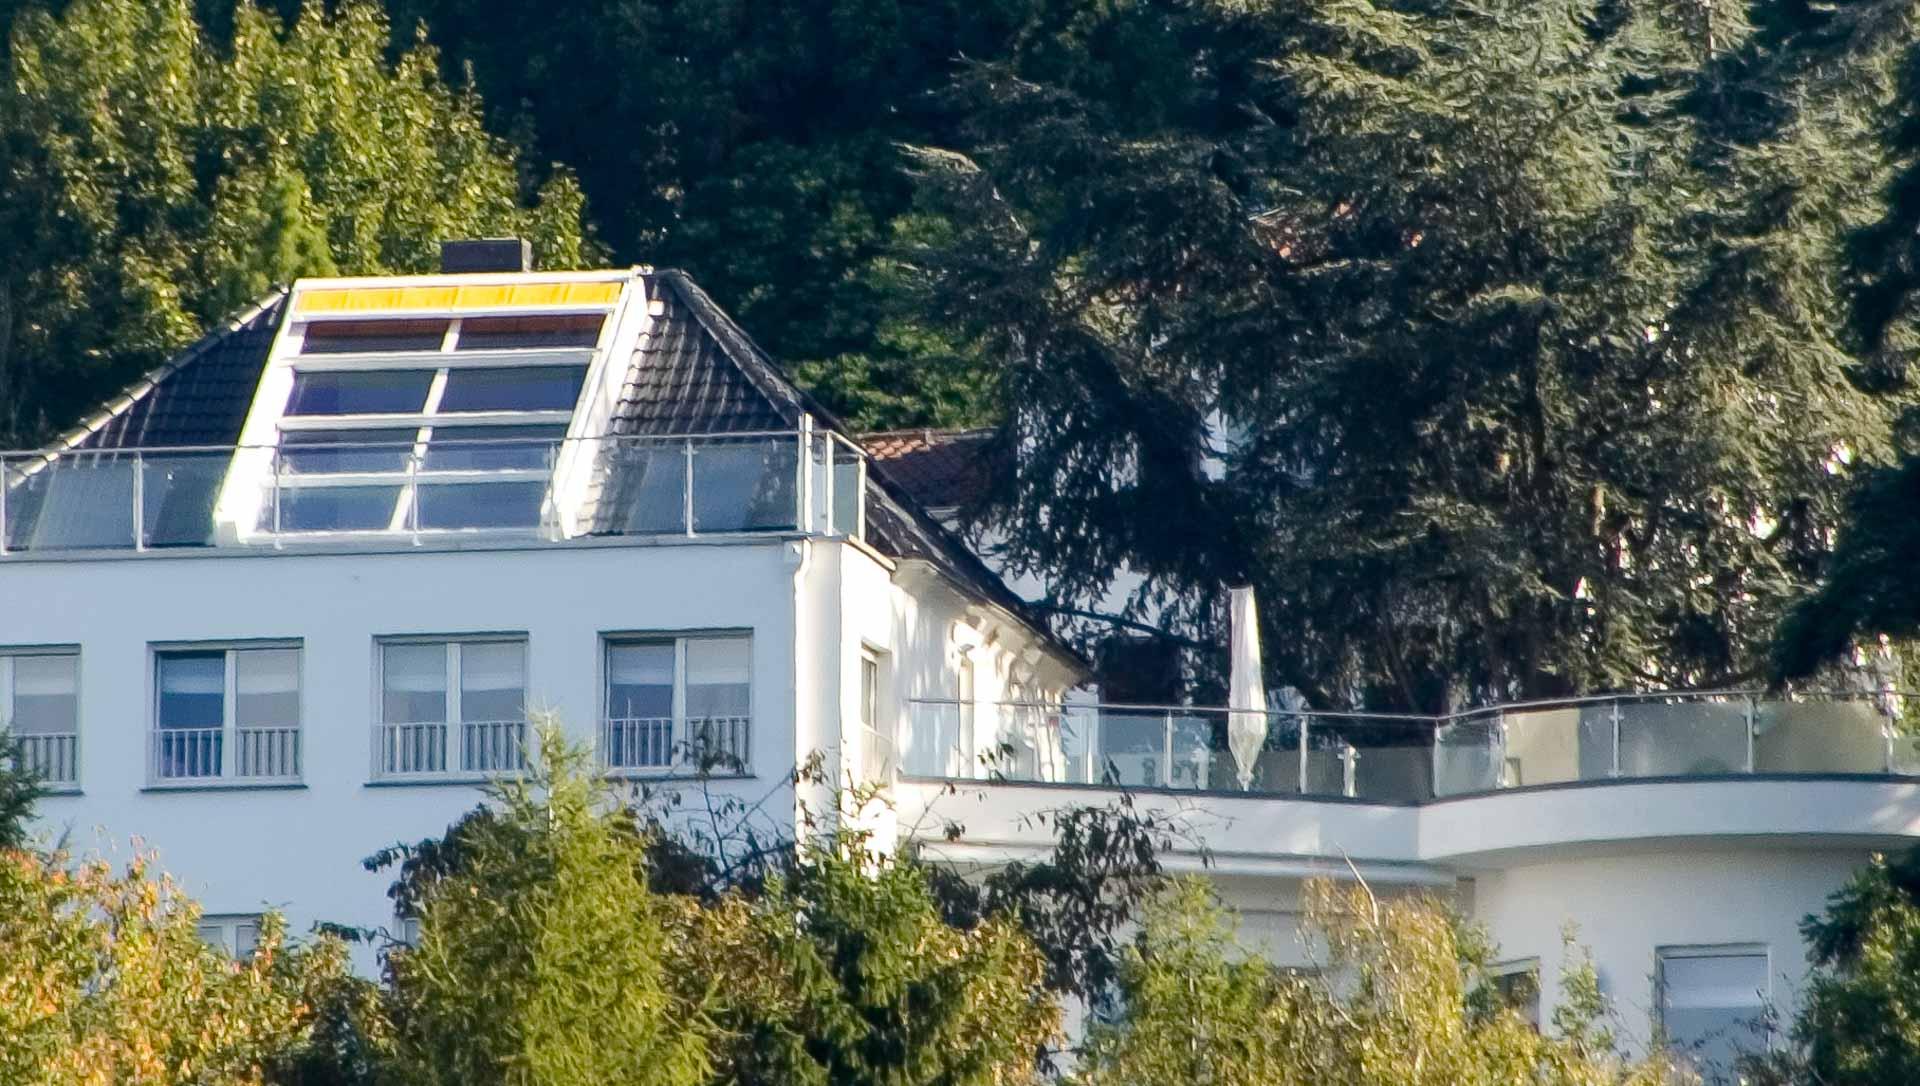 4 teiliges OpenAir-Dachschiebefenster in Saarbrücken (Objekt 94. Das 4-teilige OpenAir-Dachschiebefenster (350 cm x 450 cm) öffnet den Blick auf die ländliche Umgebung bei Saarbrücken